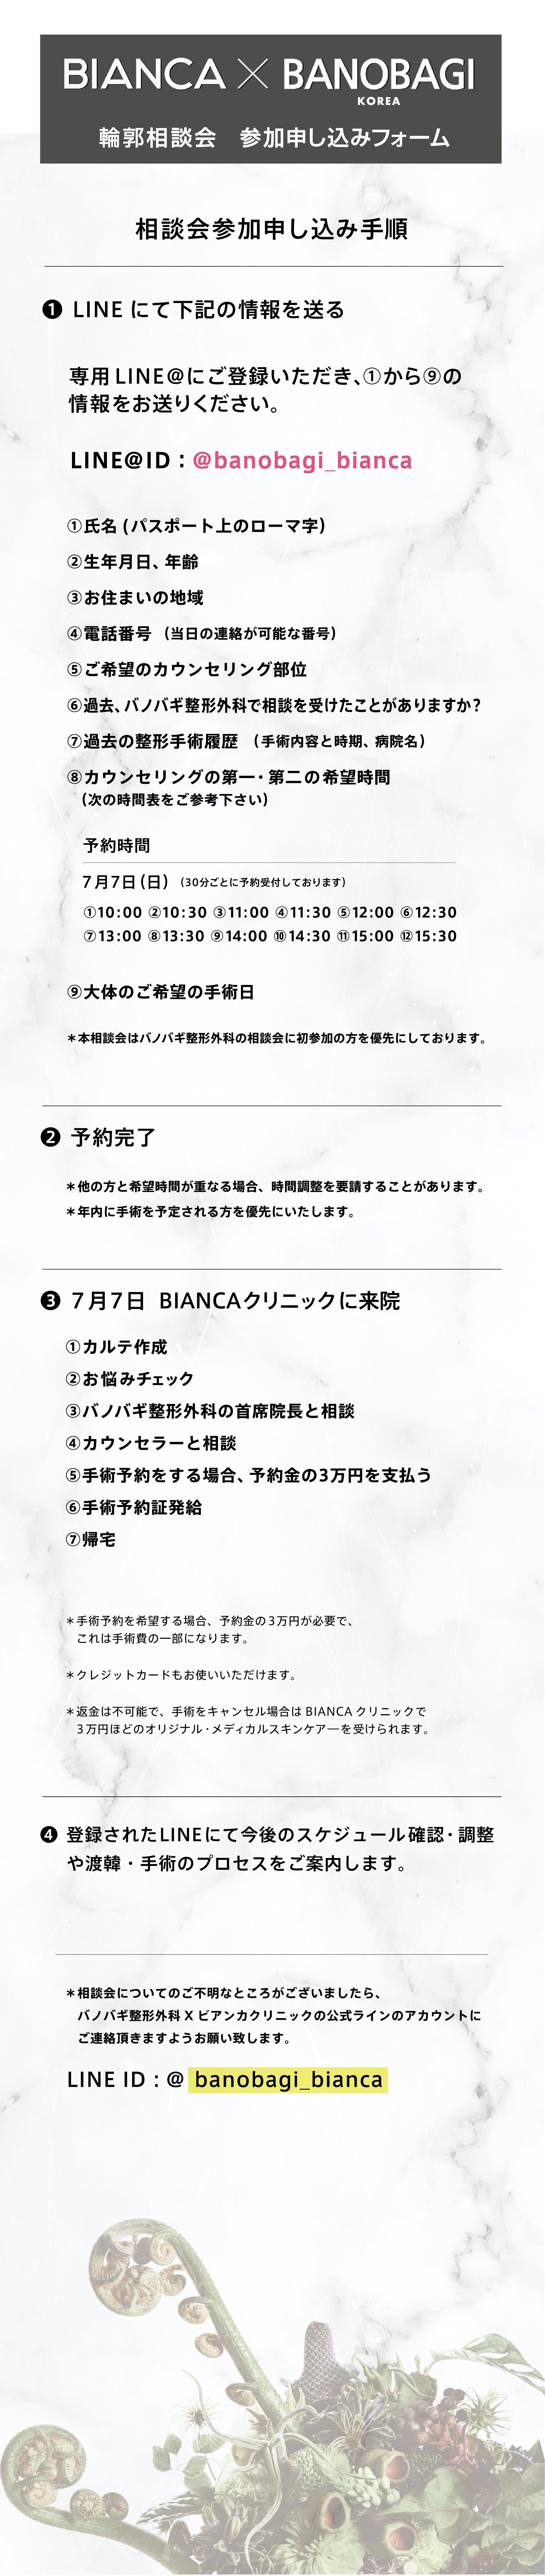 bianca_banobagi_03